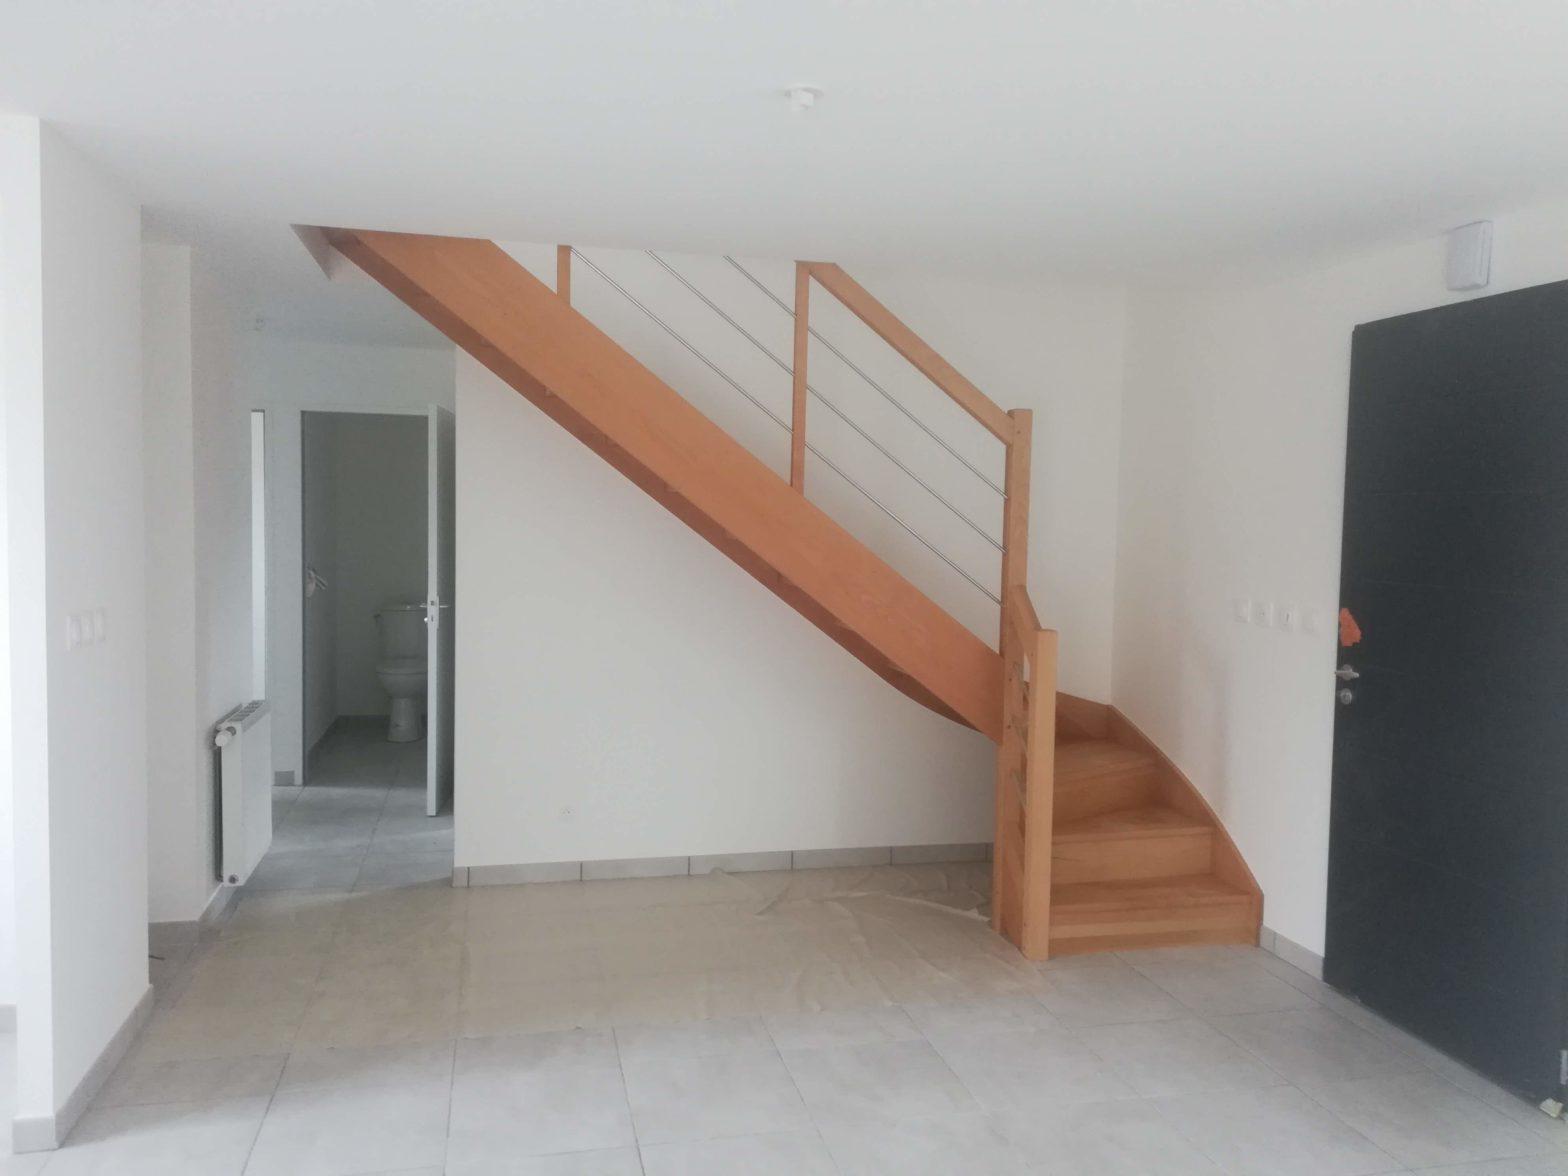 Escalier M et CM Bois-inox,RIAUX